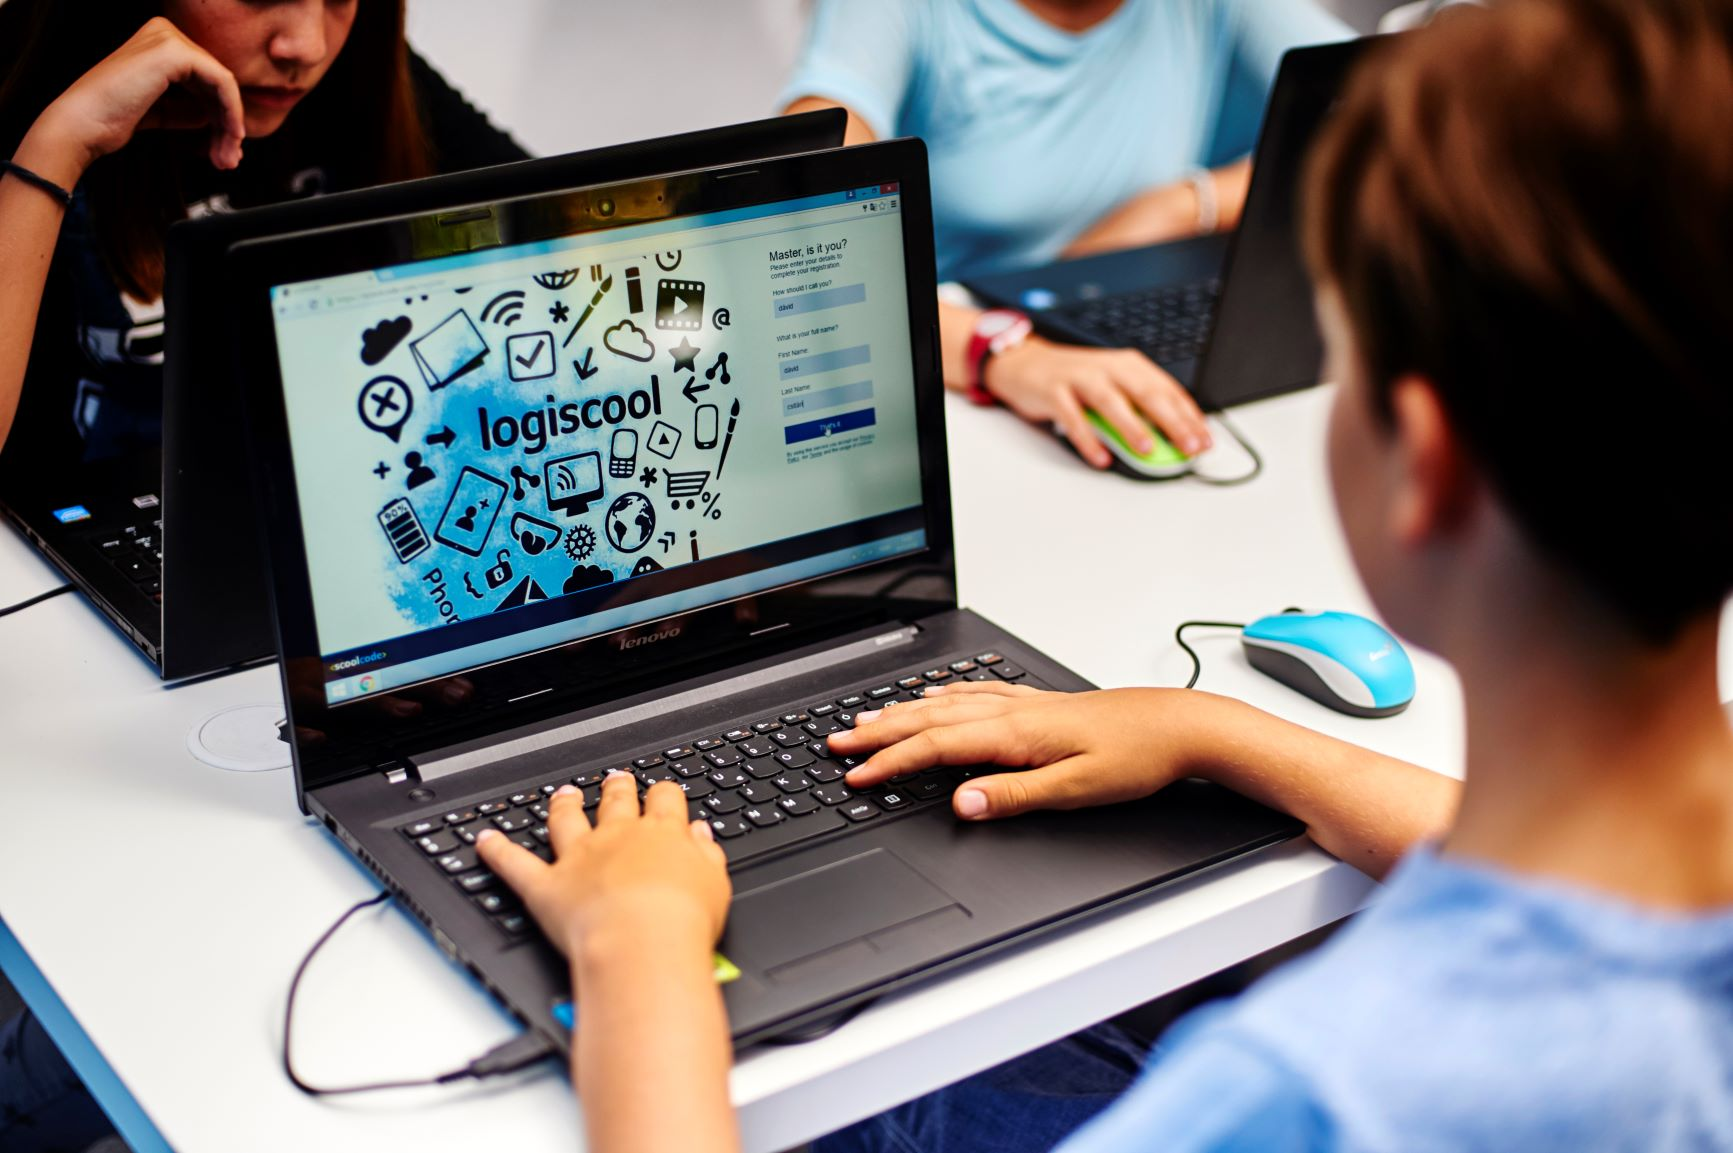 Cursurile școlii de programare pentru copii Logiscool se mută online, până la reluarea activității